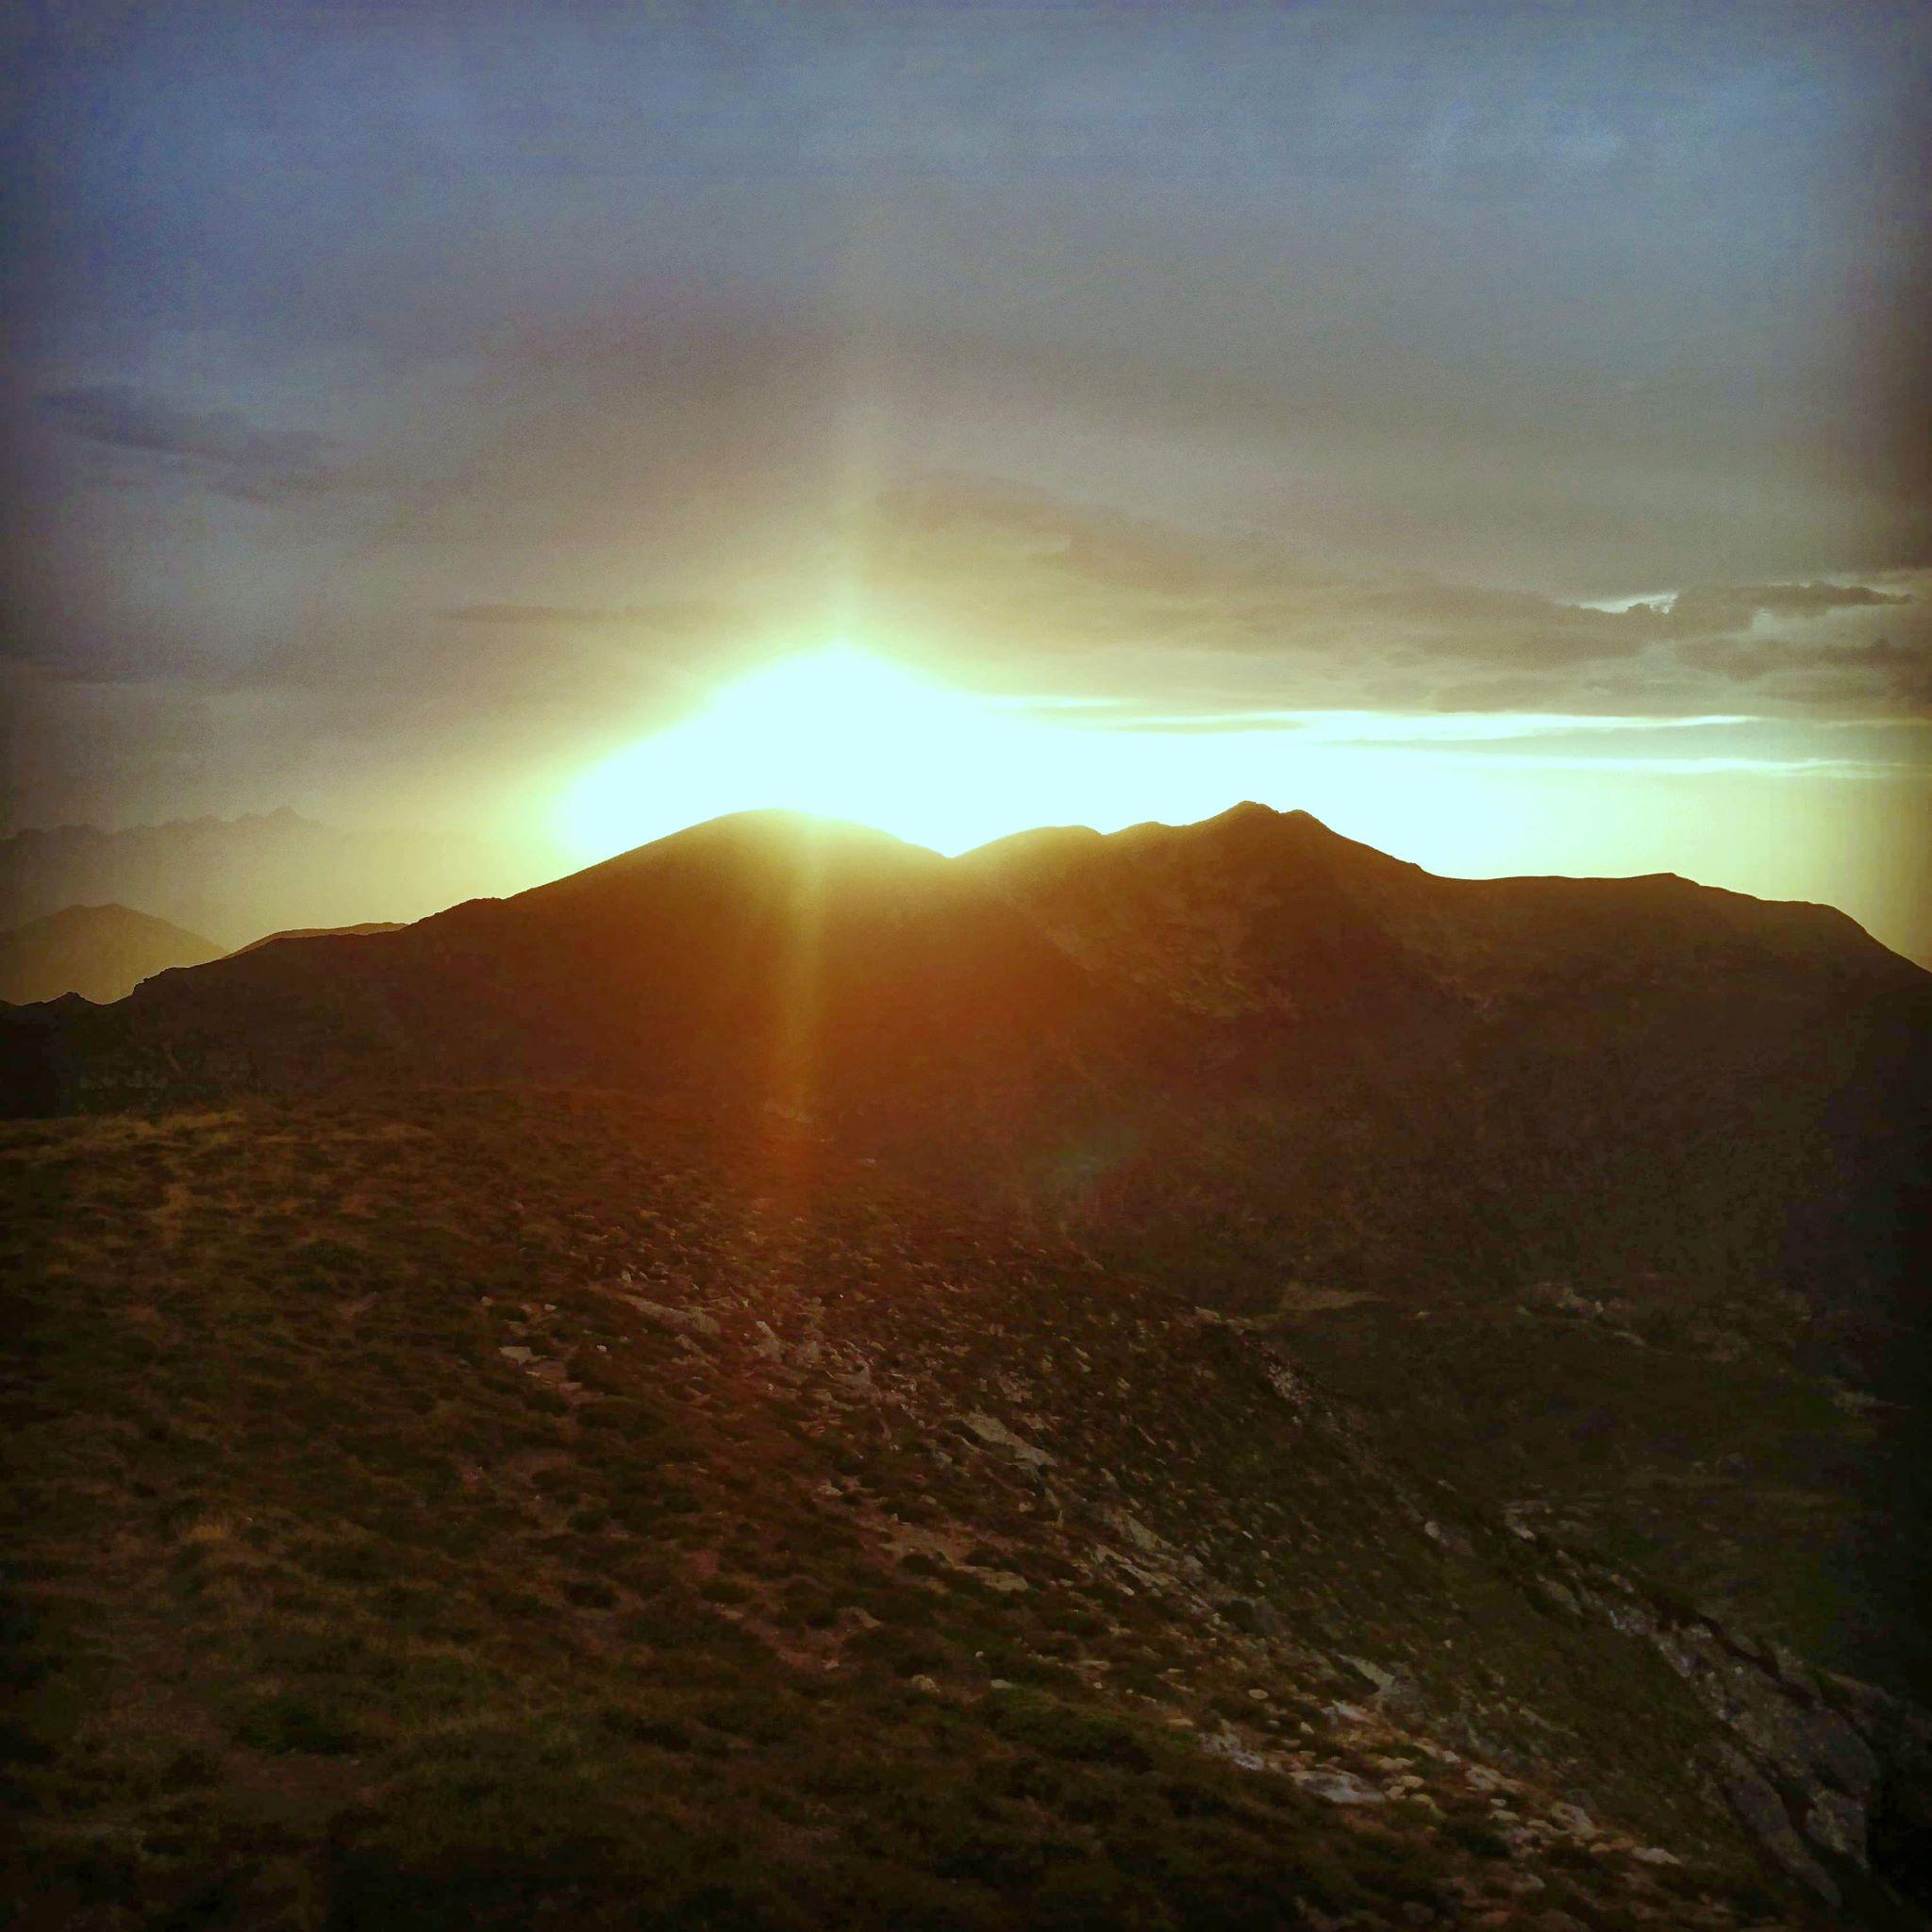 Le-pic-des-3-seigneurs-sunrise